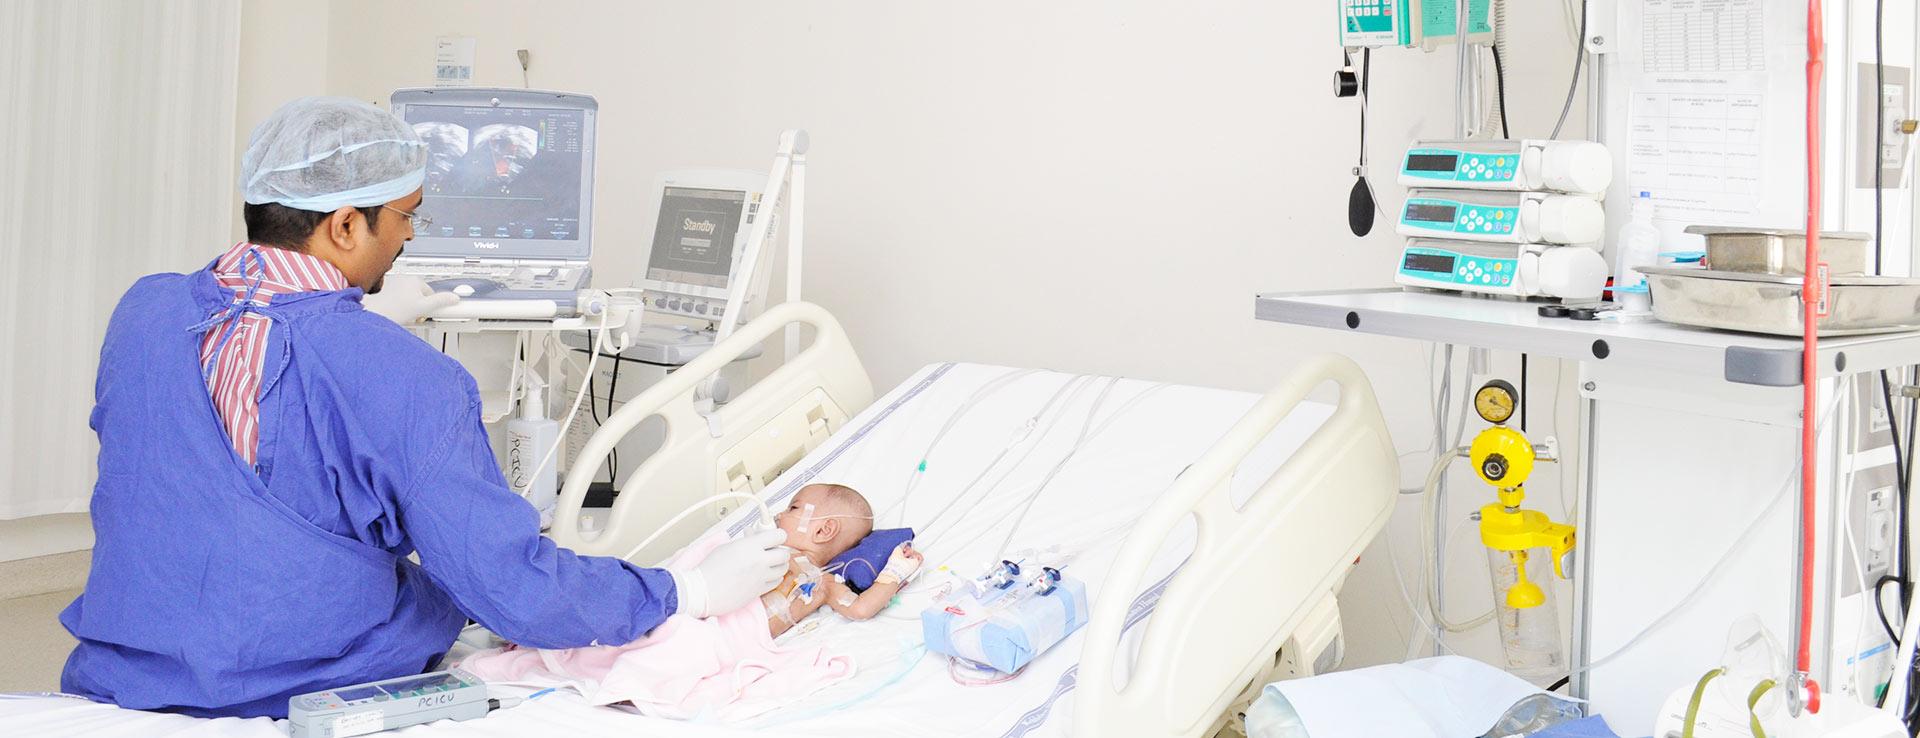 congenital-heart-disease-treatment-in-mumbai